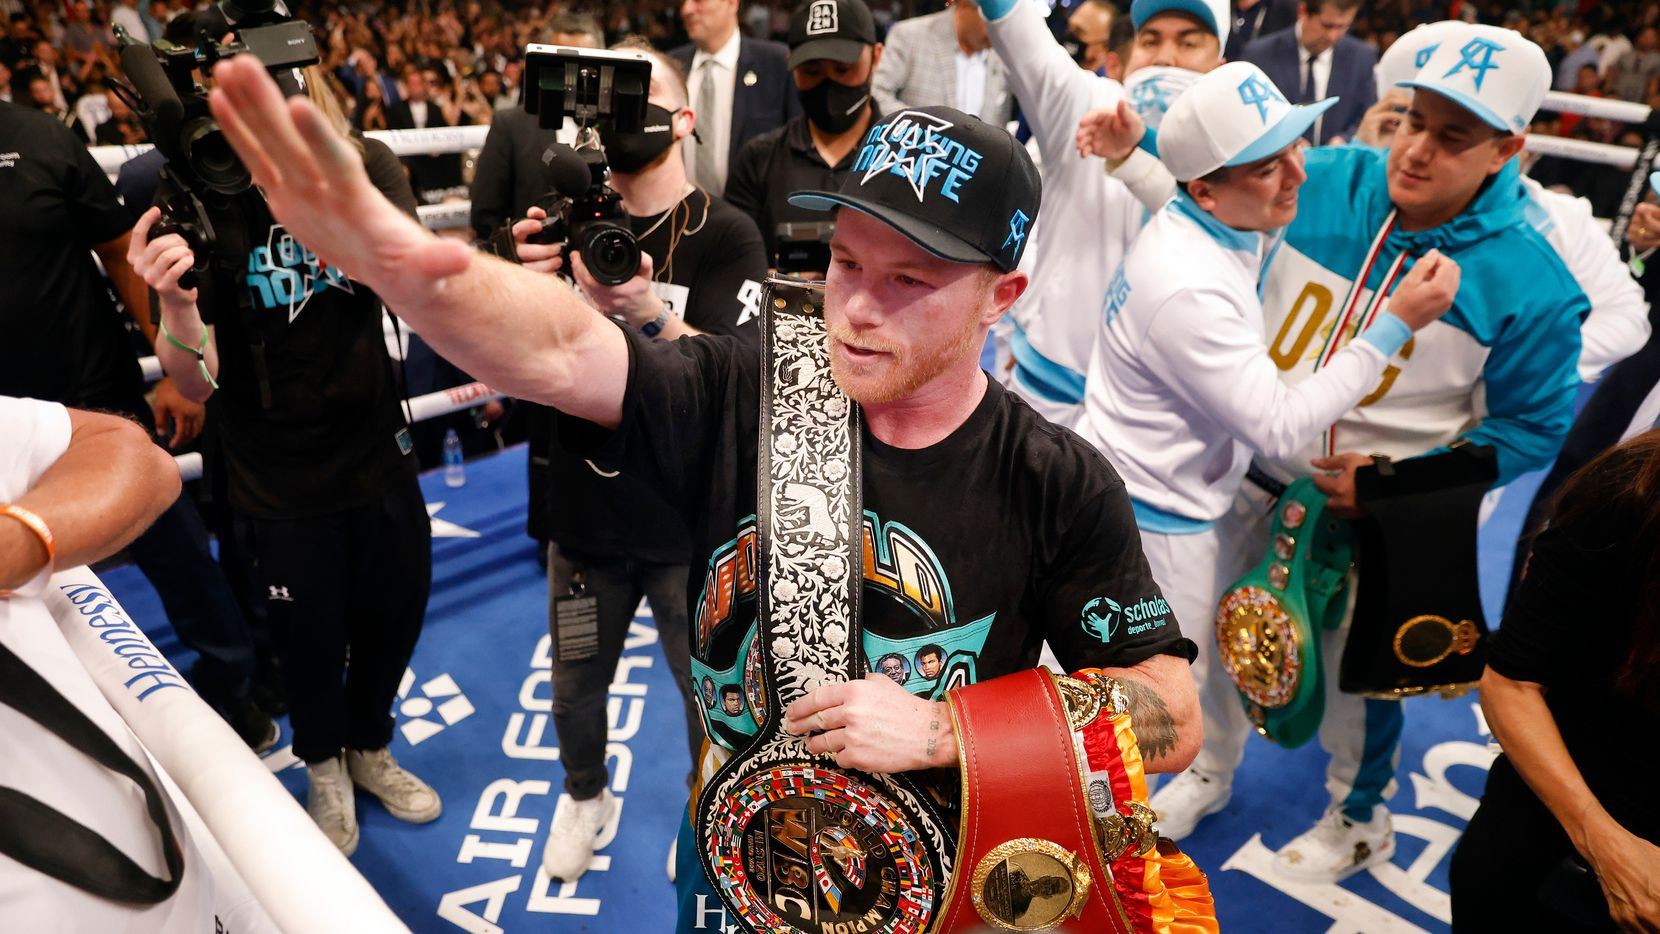 """Los boxeadores Saúl """"Canelo"""" Álvarez saludan al público mientras celebra con sus cinturones después de derrotar a Billy Joe Saunders en su pelea por el título unificado de peso súper mediano en el AT&T Stadium en Arlington, el sábado 8 de mayo de 2021."""